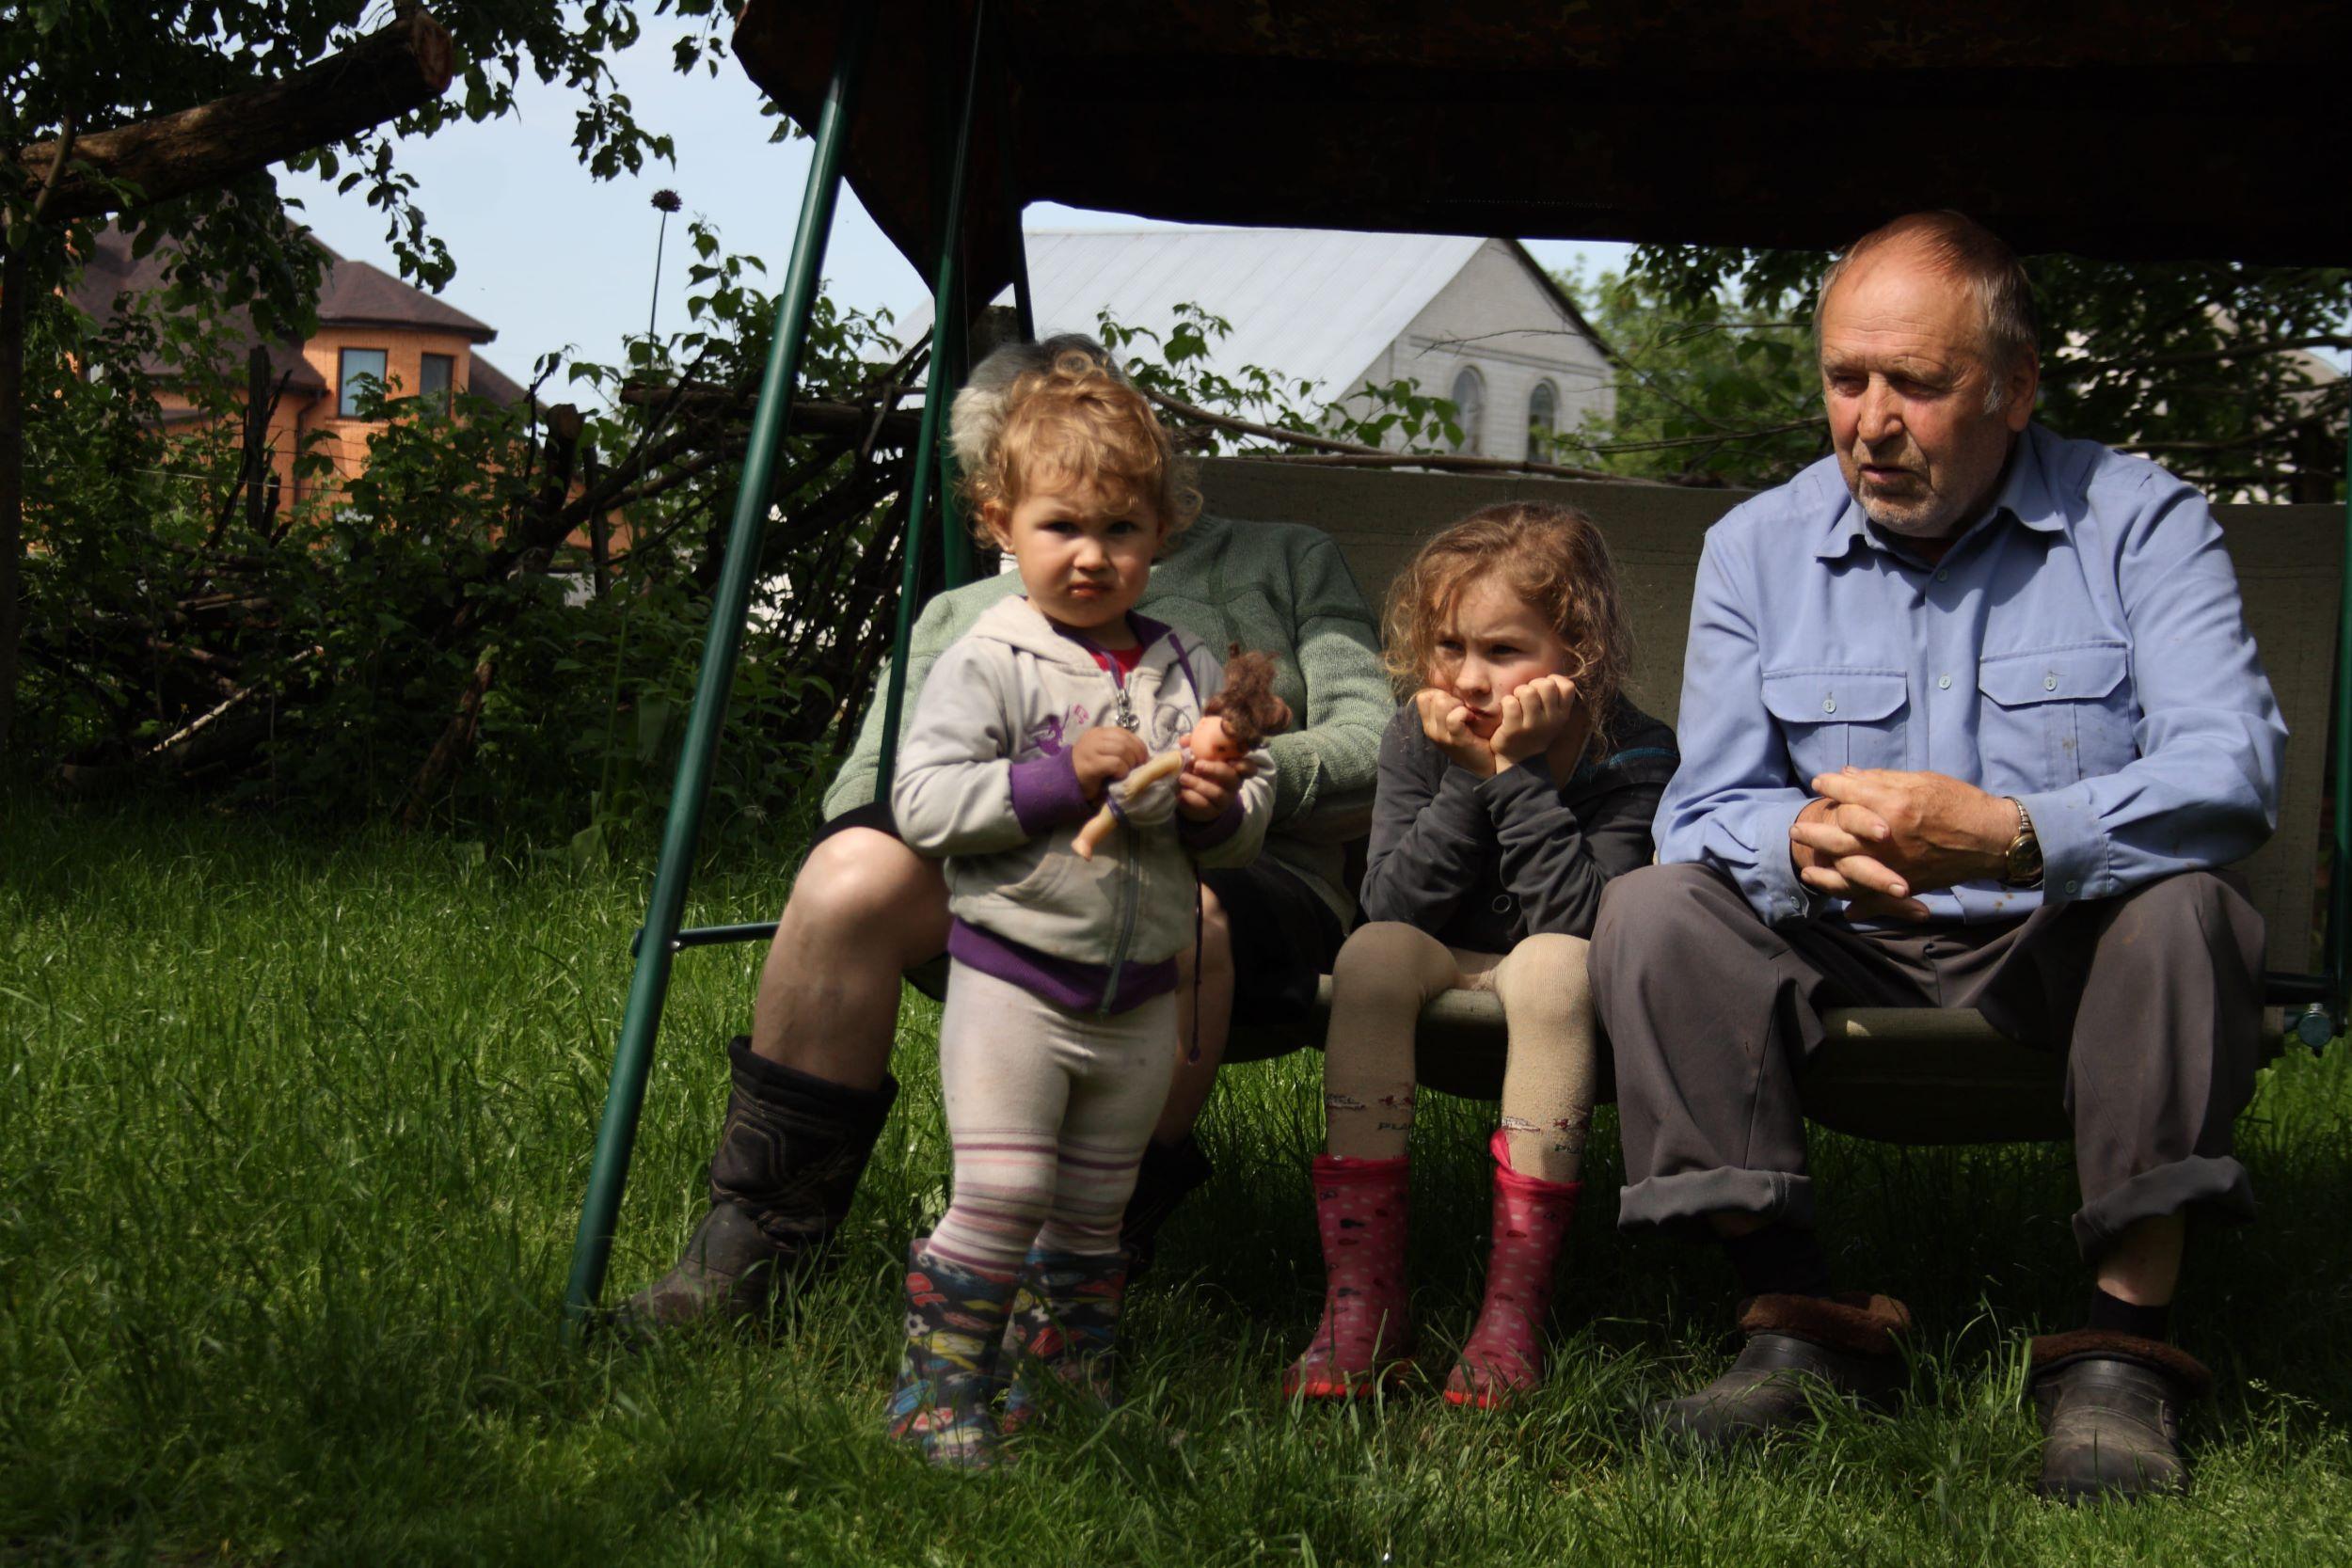 https://www.ukrainianlessons.com/wp-content/uploads/2020/08/20-khaj-tobi-hrets.wav